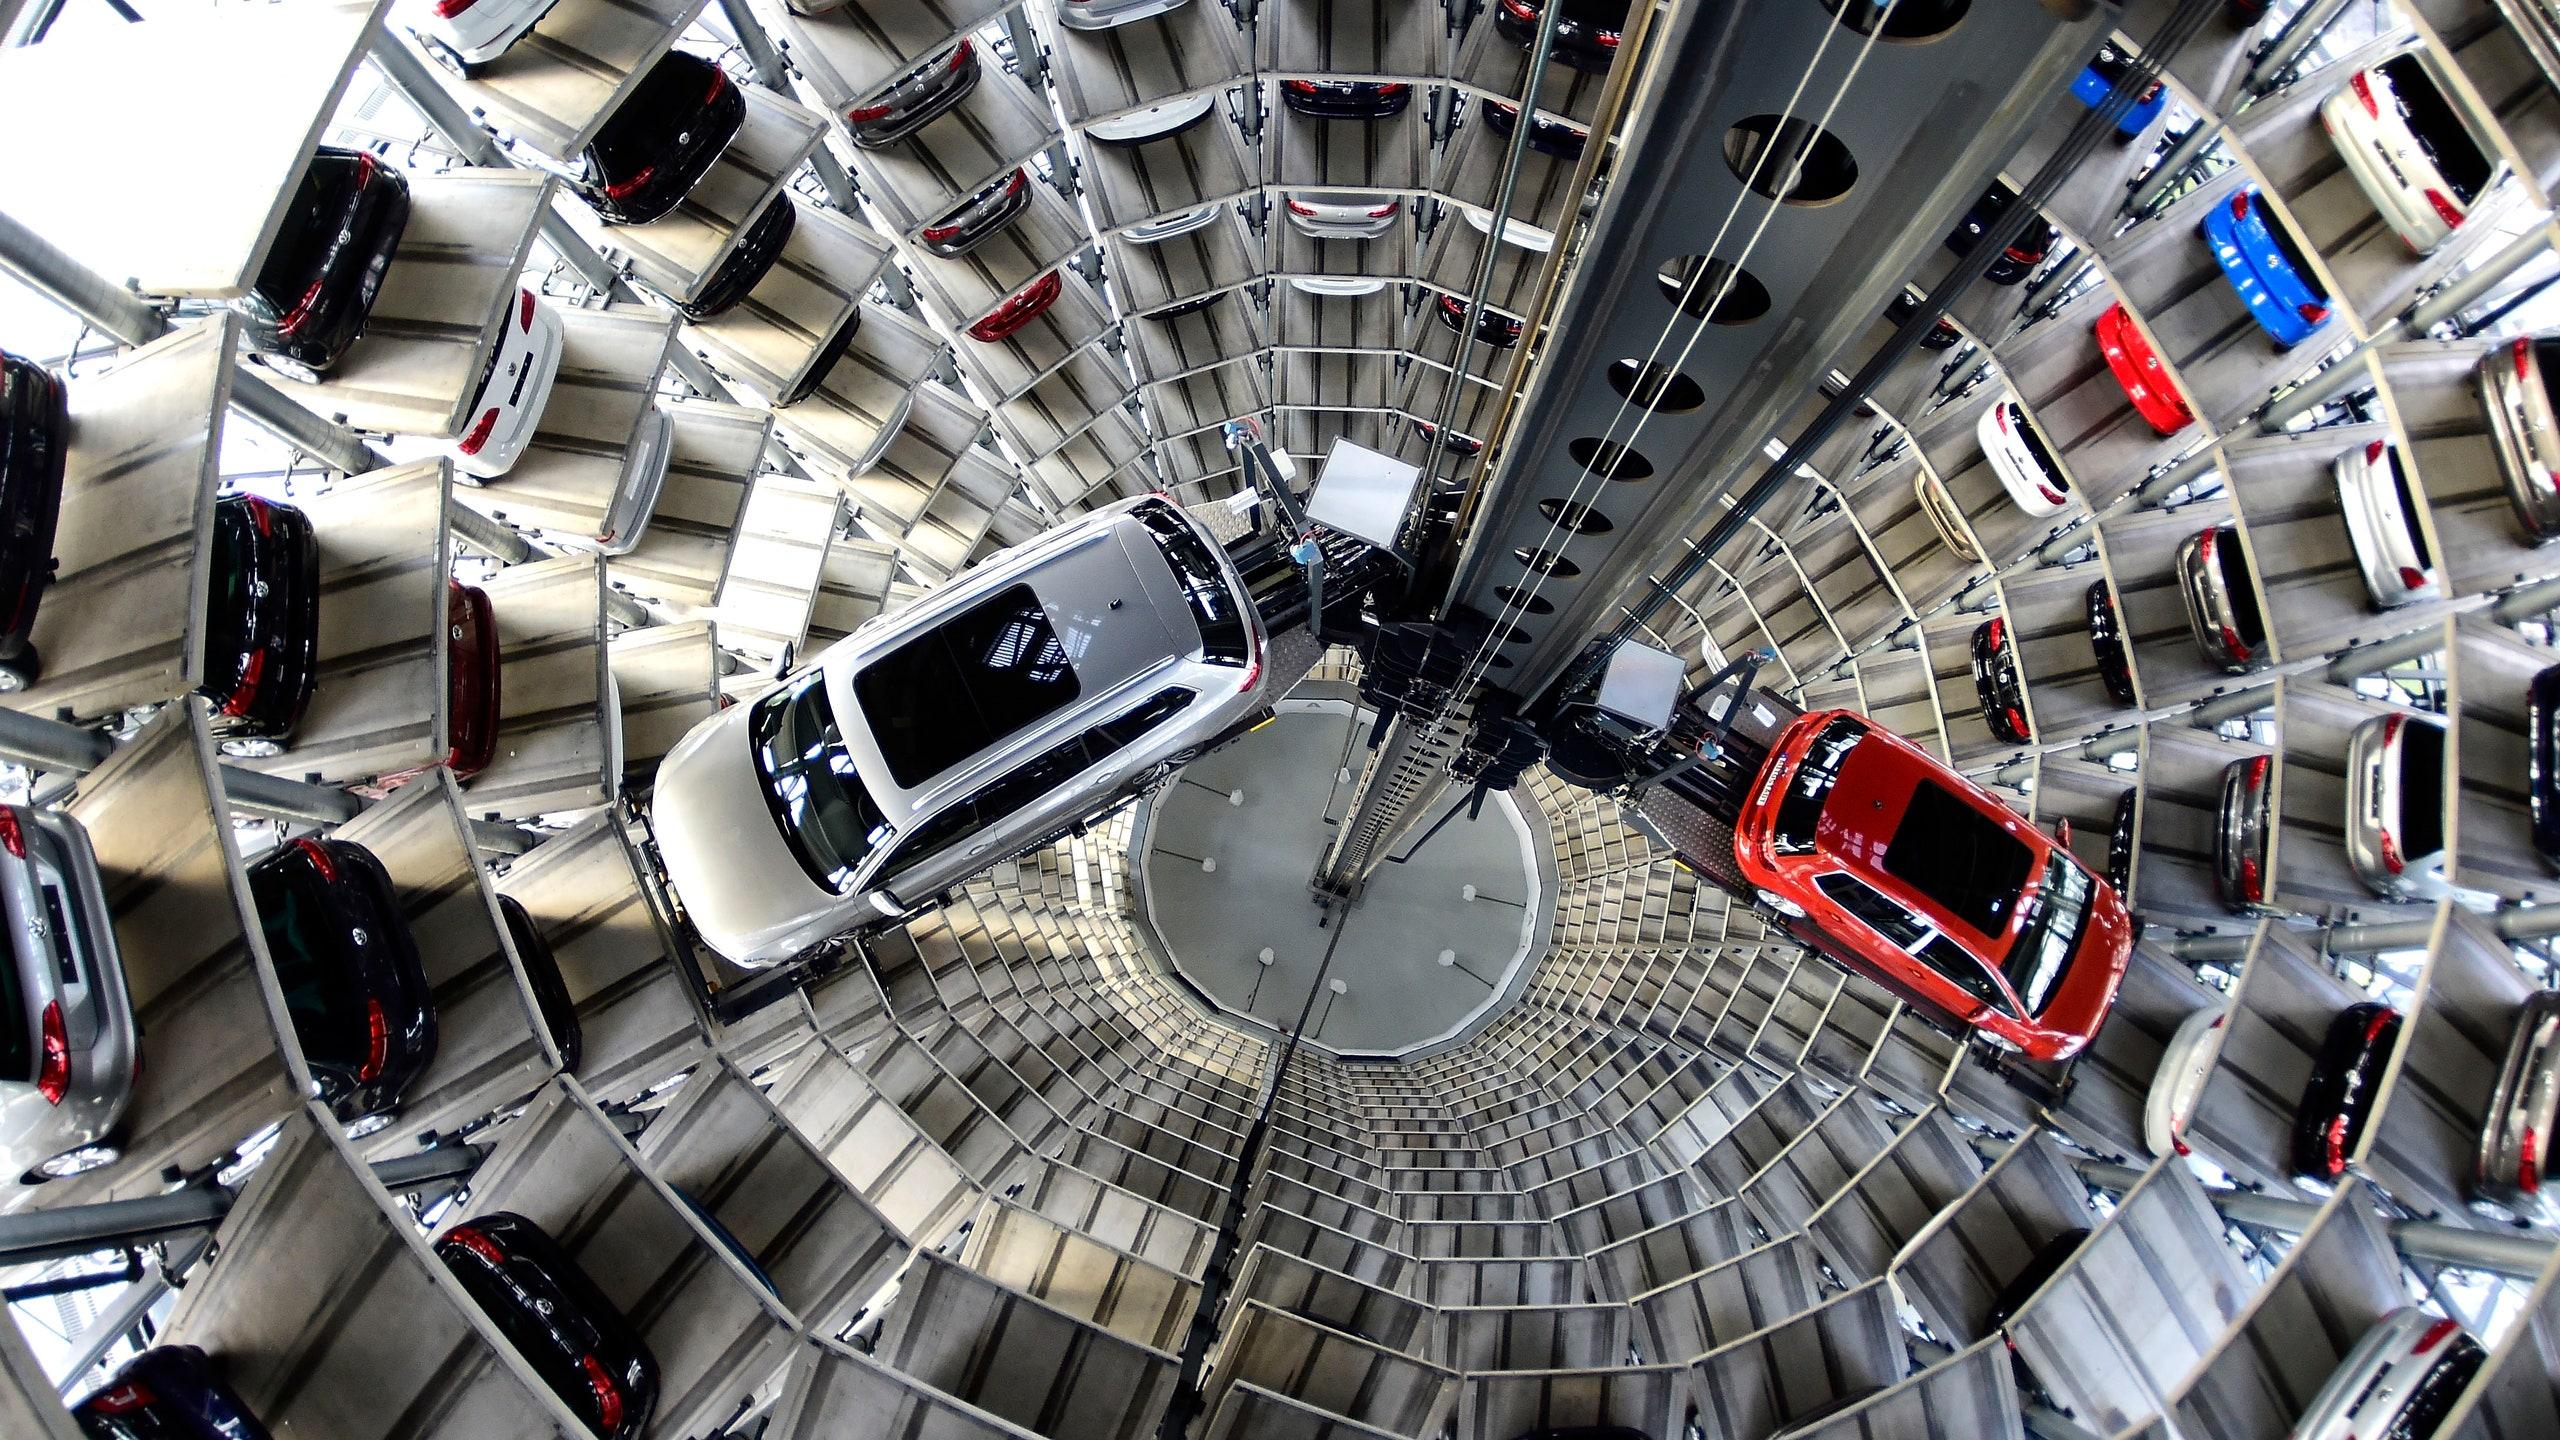 Τα μεγαλύτερα σκάνδαλα στην ιστορία της παγκόσμιας αυτοκινητοβιομηχανίας!